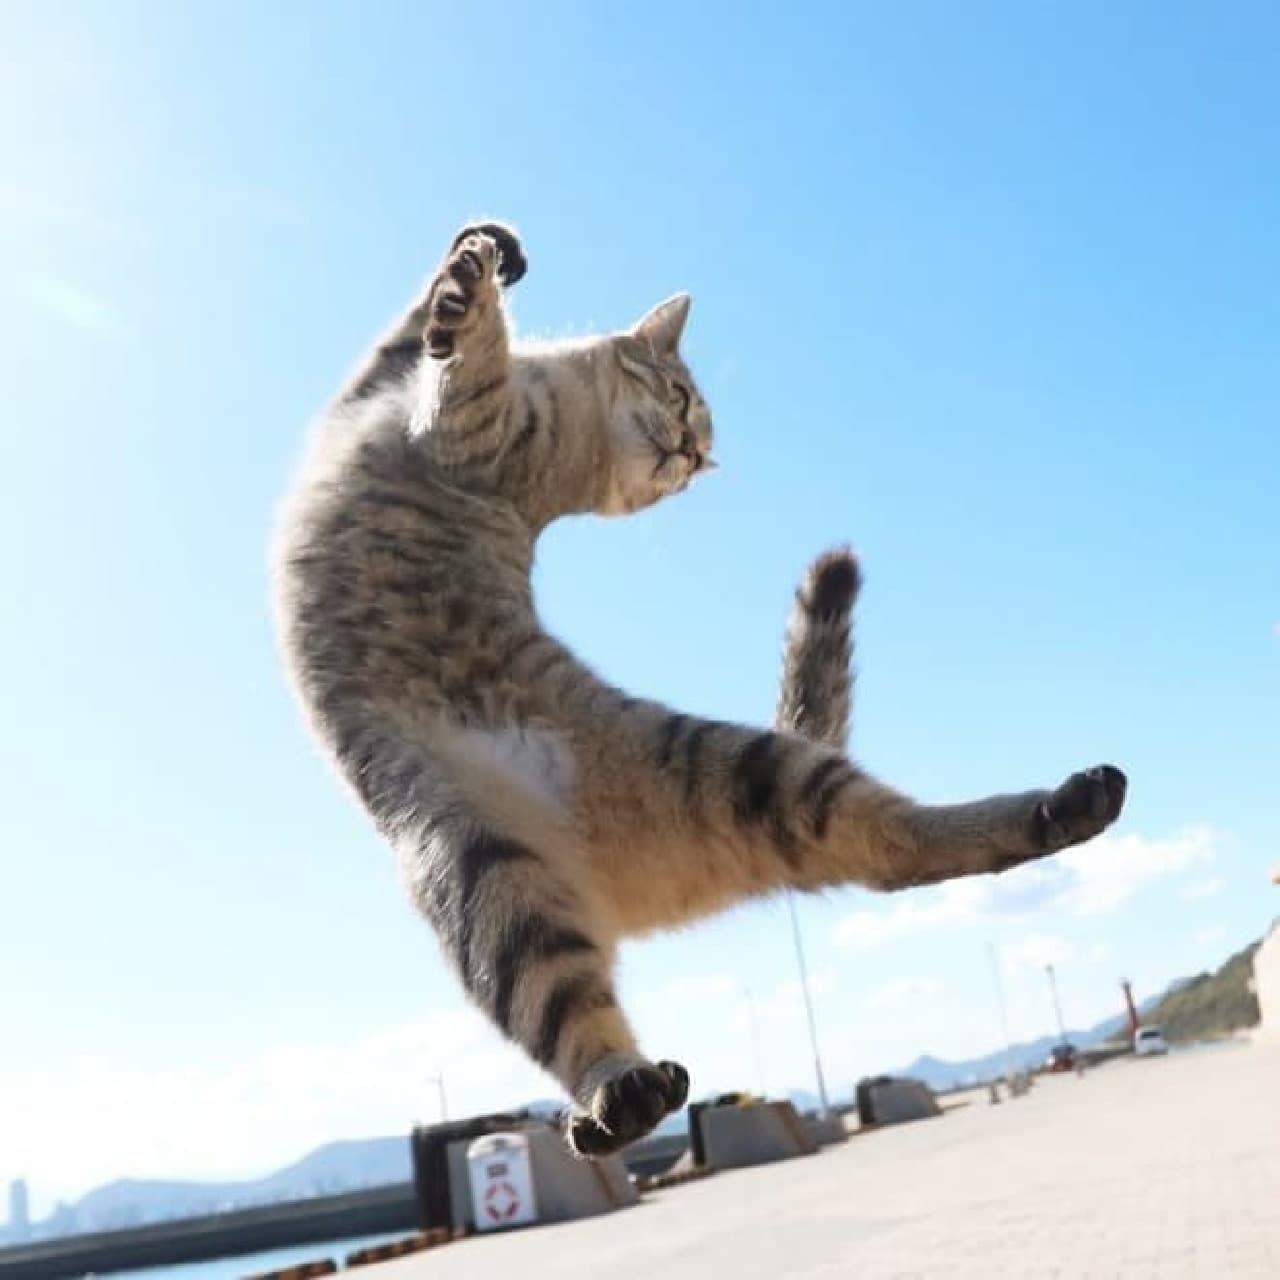 ネコ写真家山本正義さんによる写真集『立ち猫』